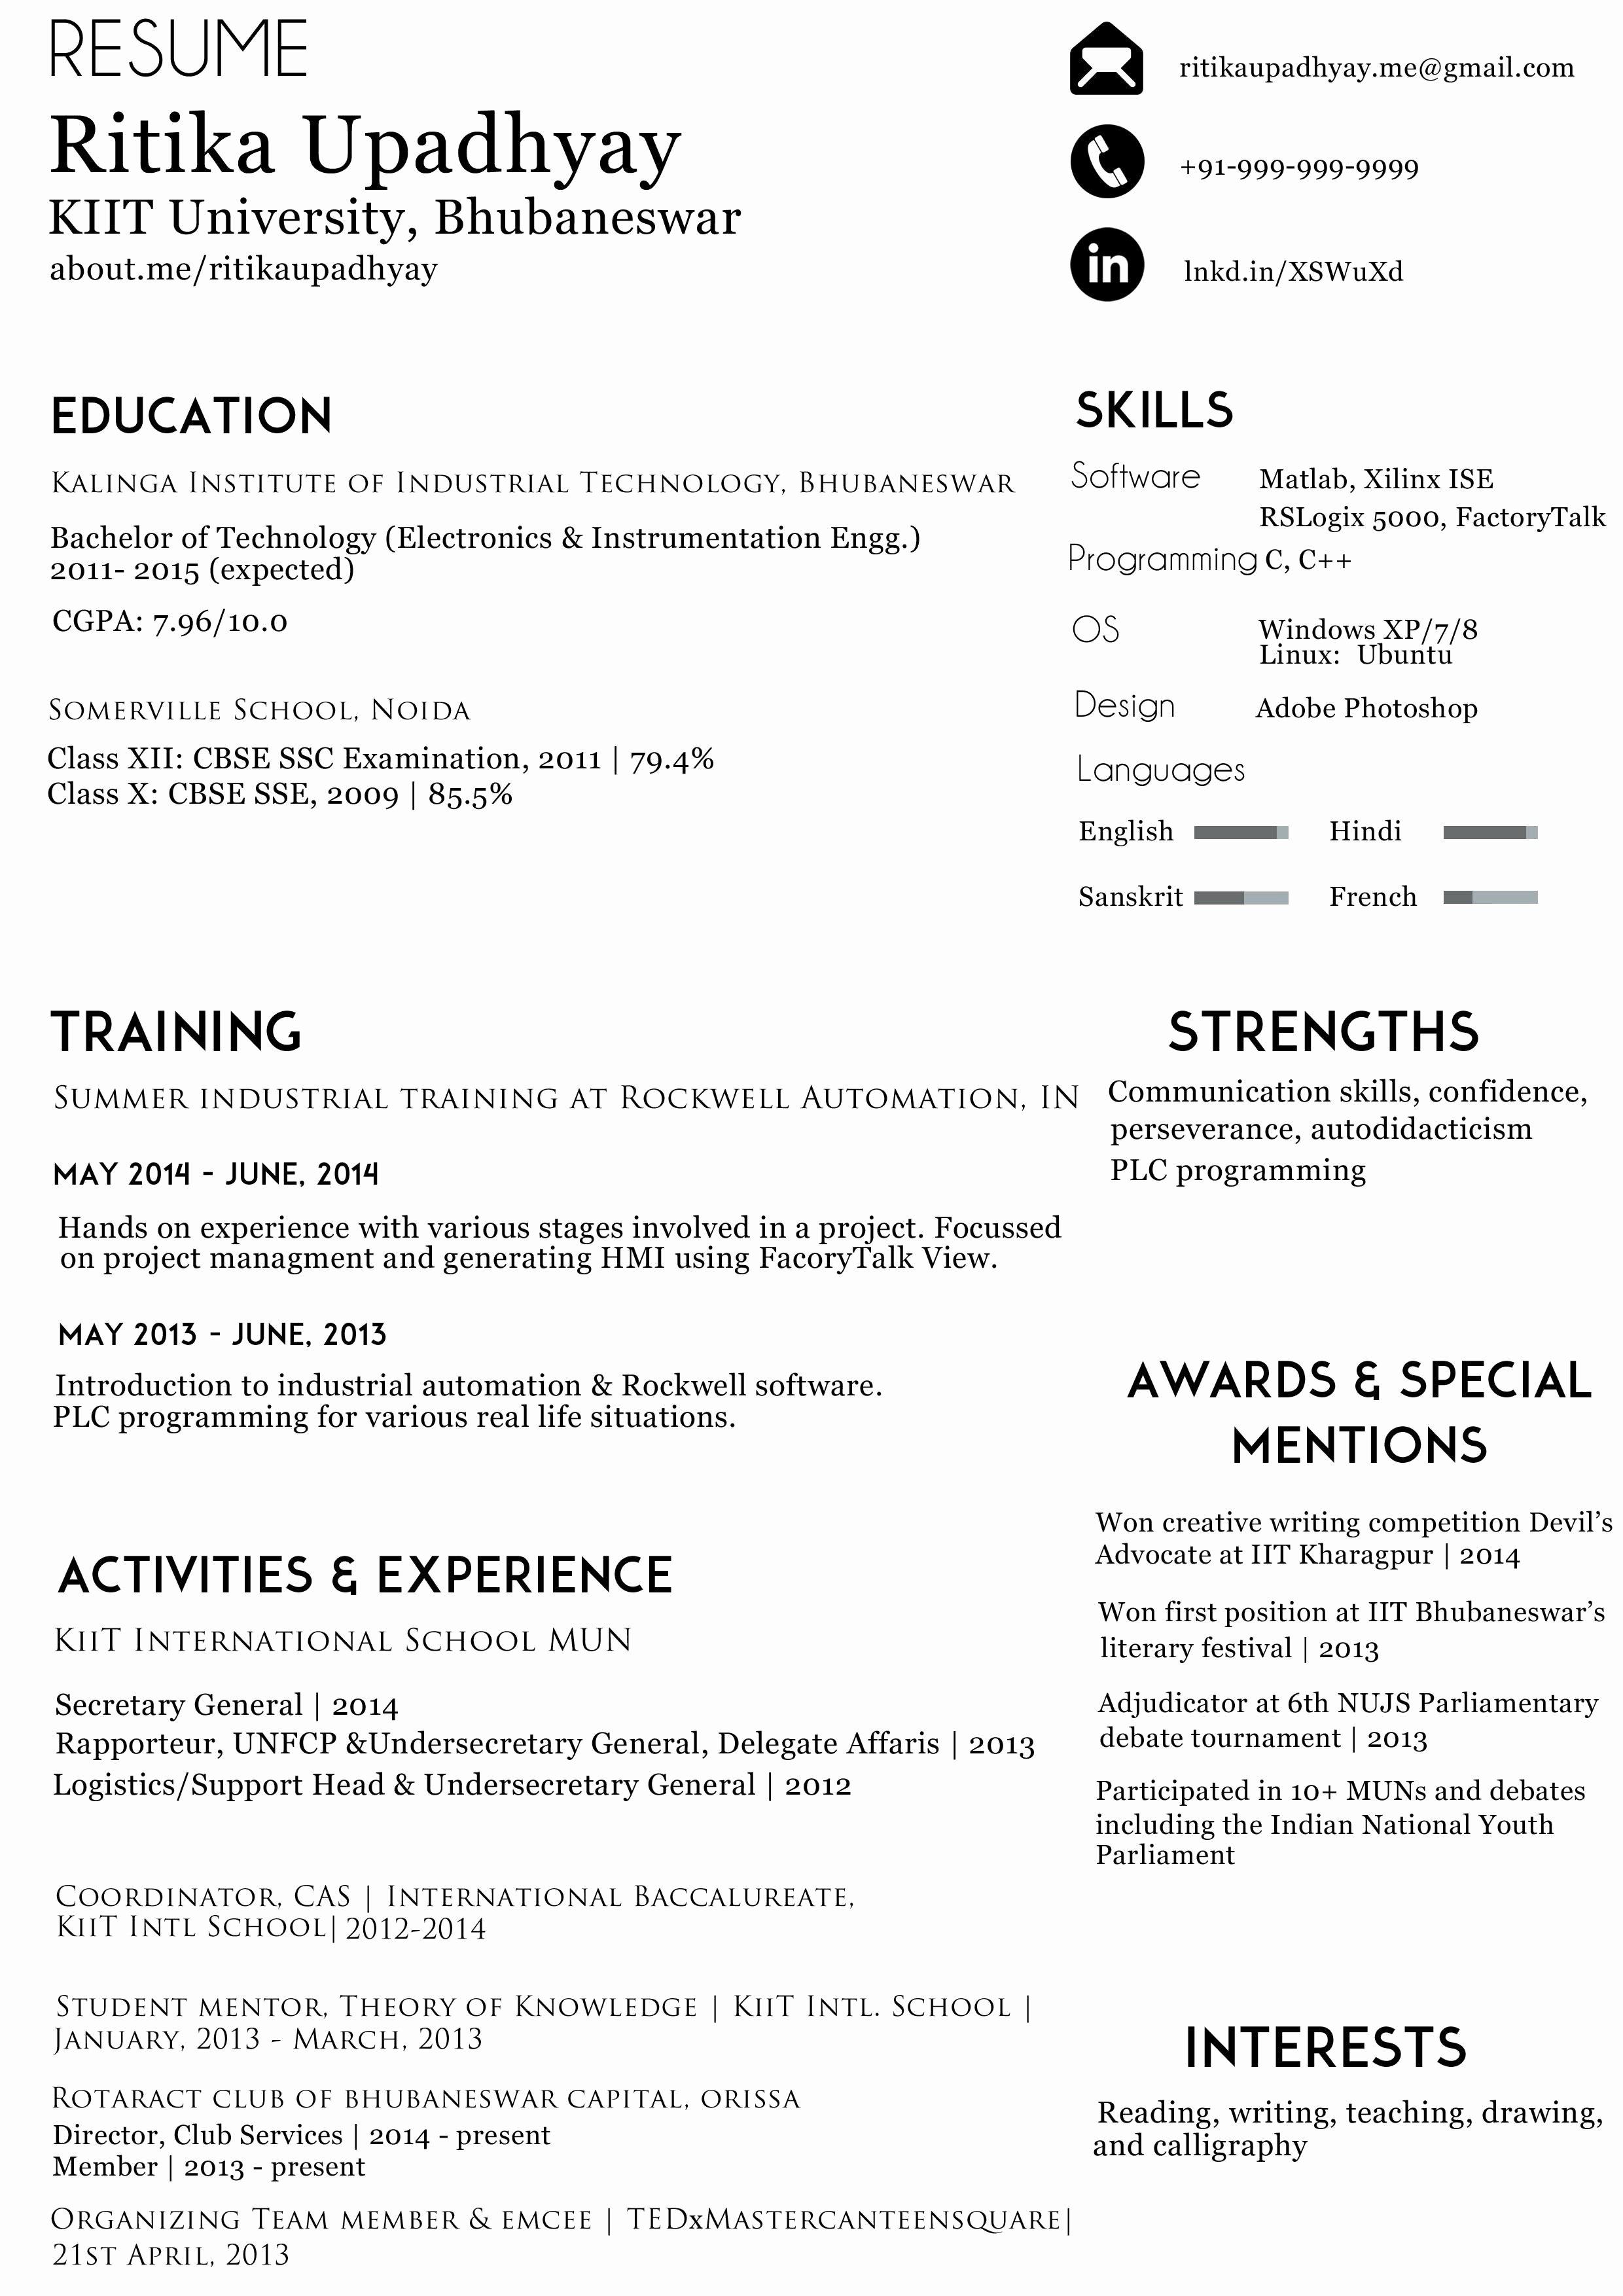 Resume Template for Kids Inspirational Lovely Condensed Resume Colorful Resume Template for Kids